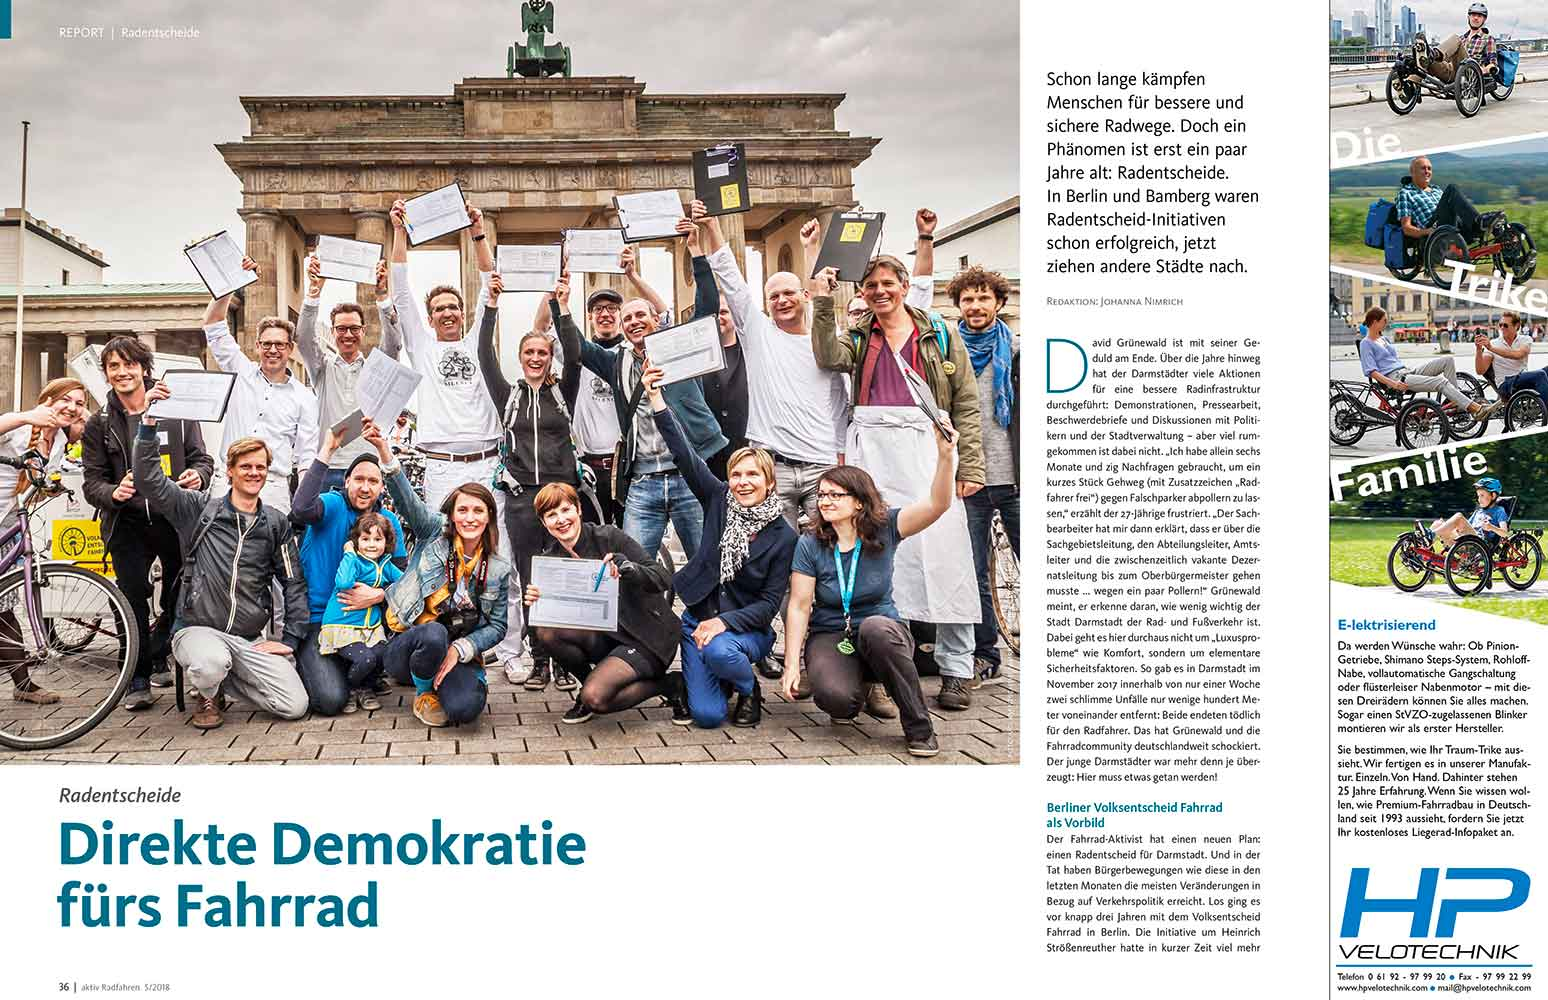 Report: Direkte Demokratie fürs Rad